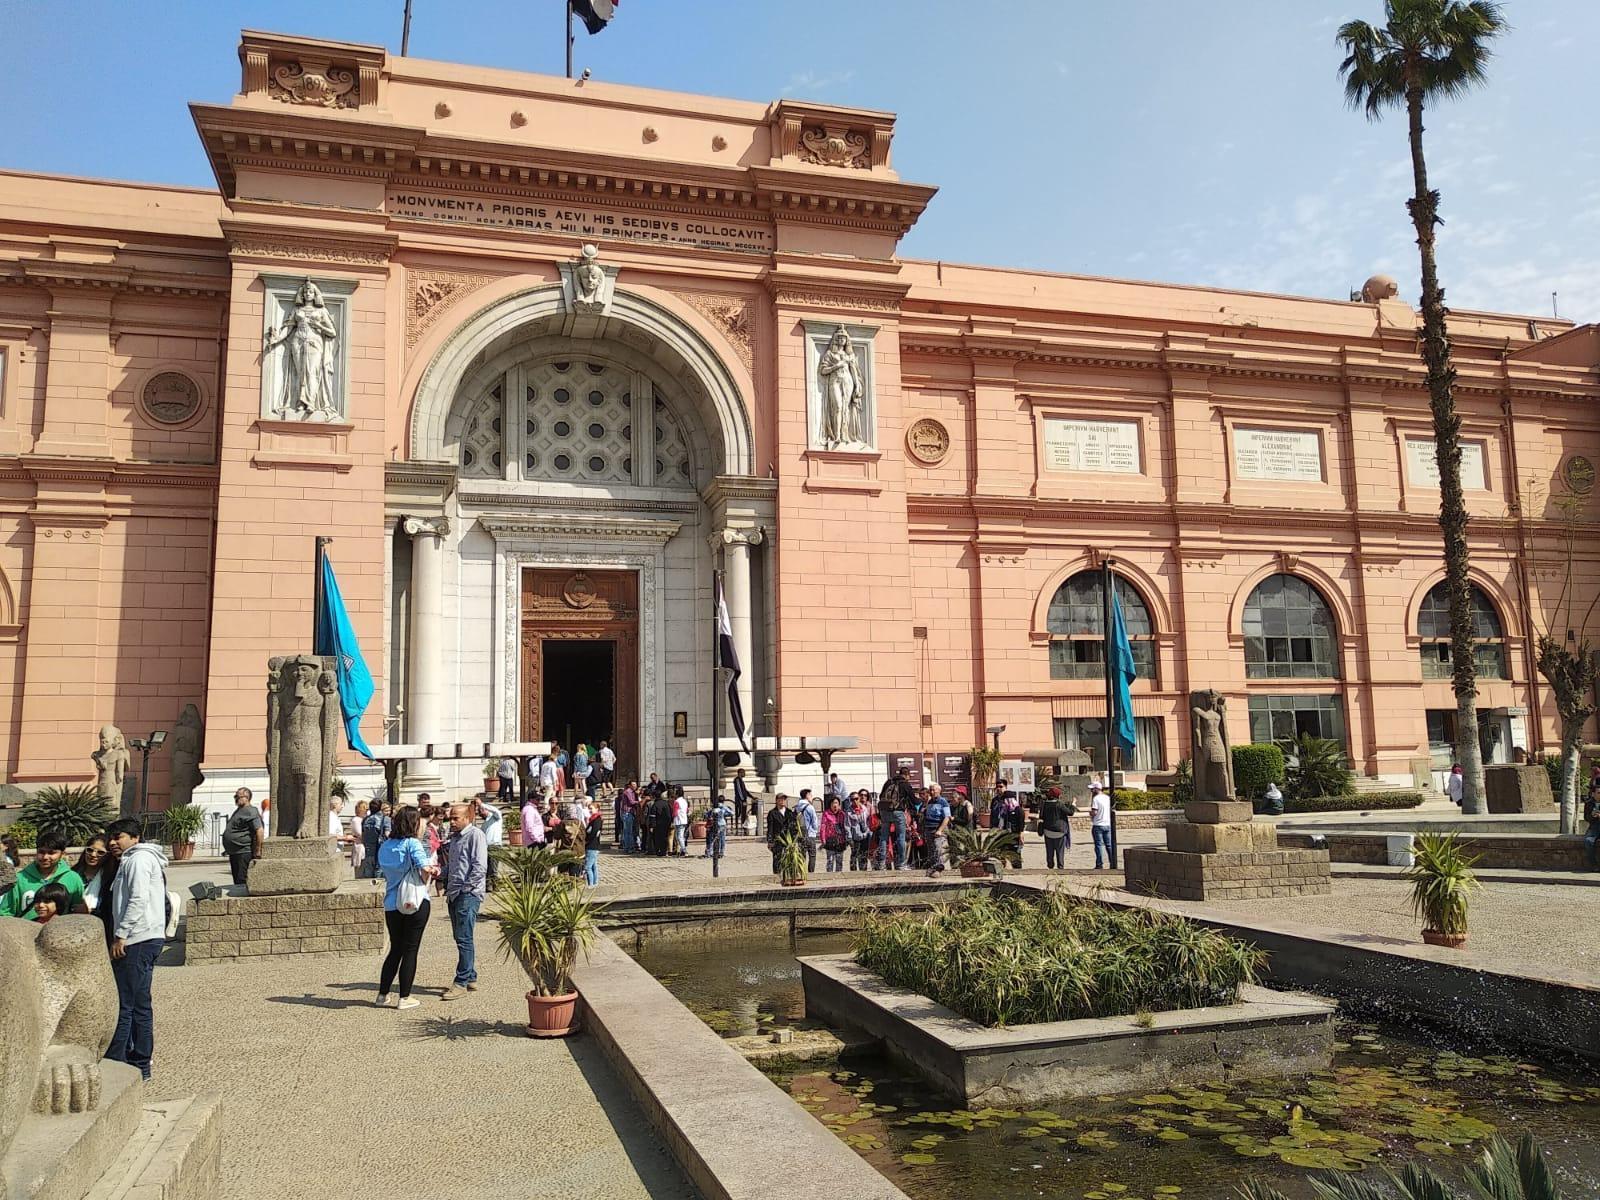 Stadtrundfahrt mit Ägyptischem Museum, Khan el Khalili, Zitadelle und Altkairo